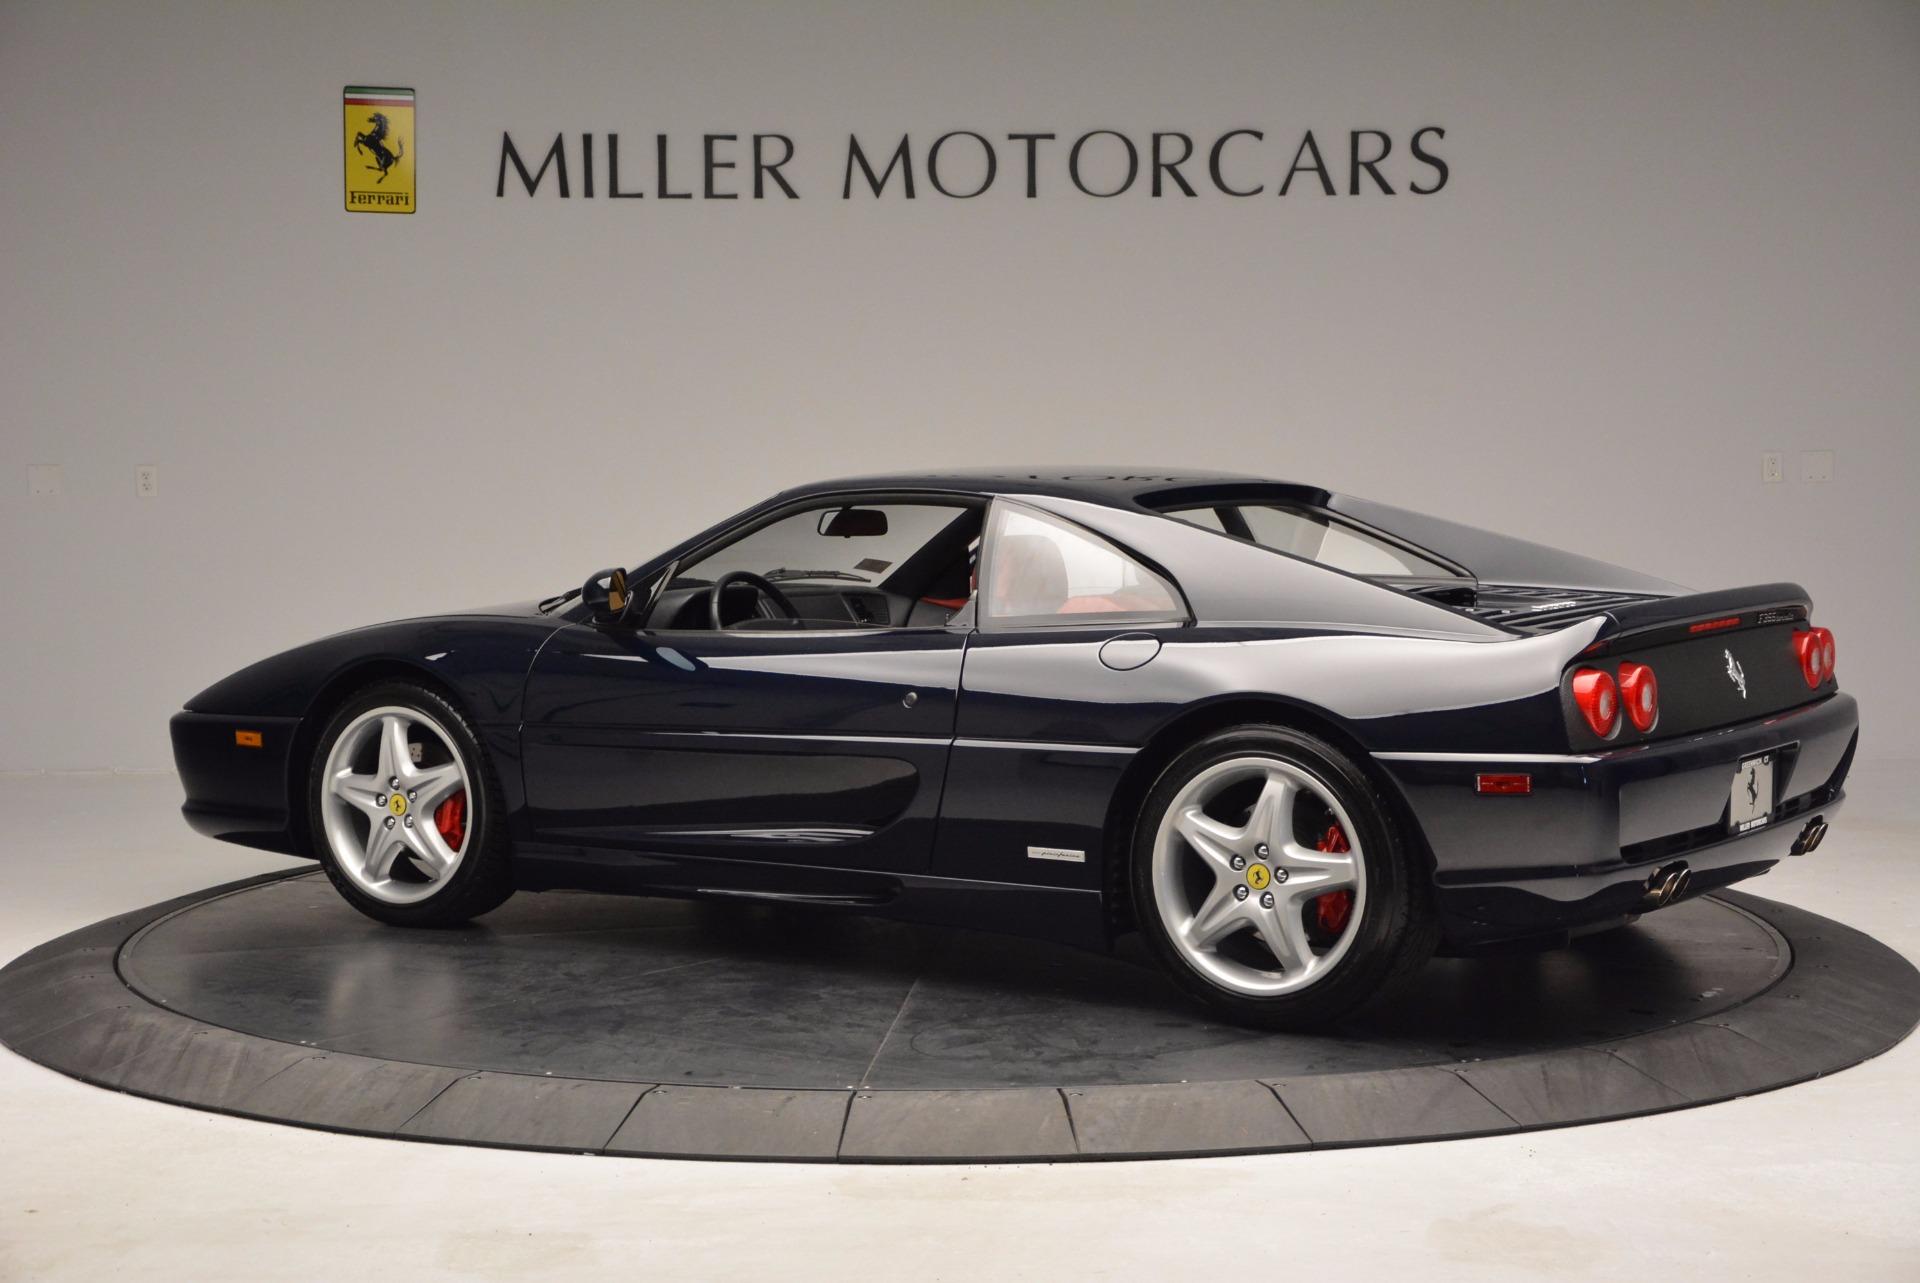 Used 1999 Ferrari 355 Berlinetta For Sale In Greenwich, CT 855_p5